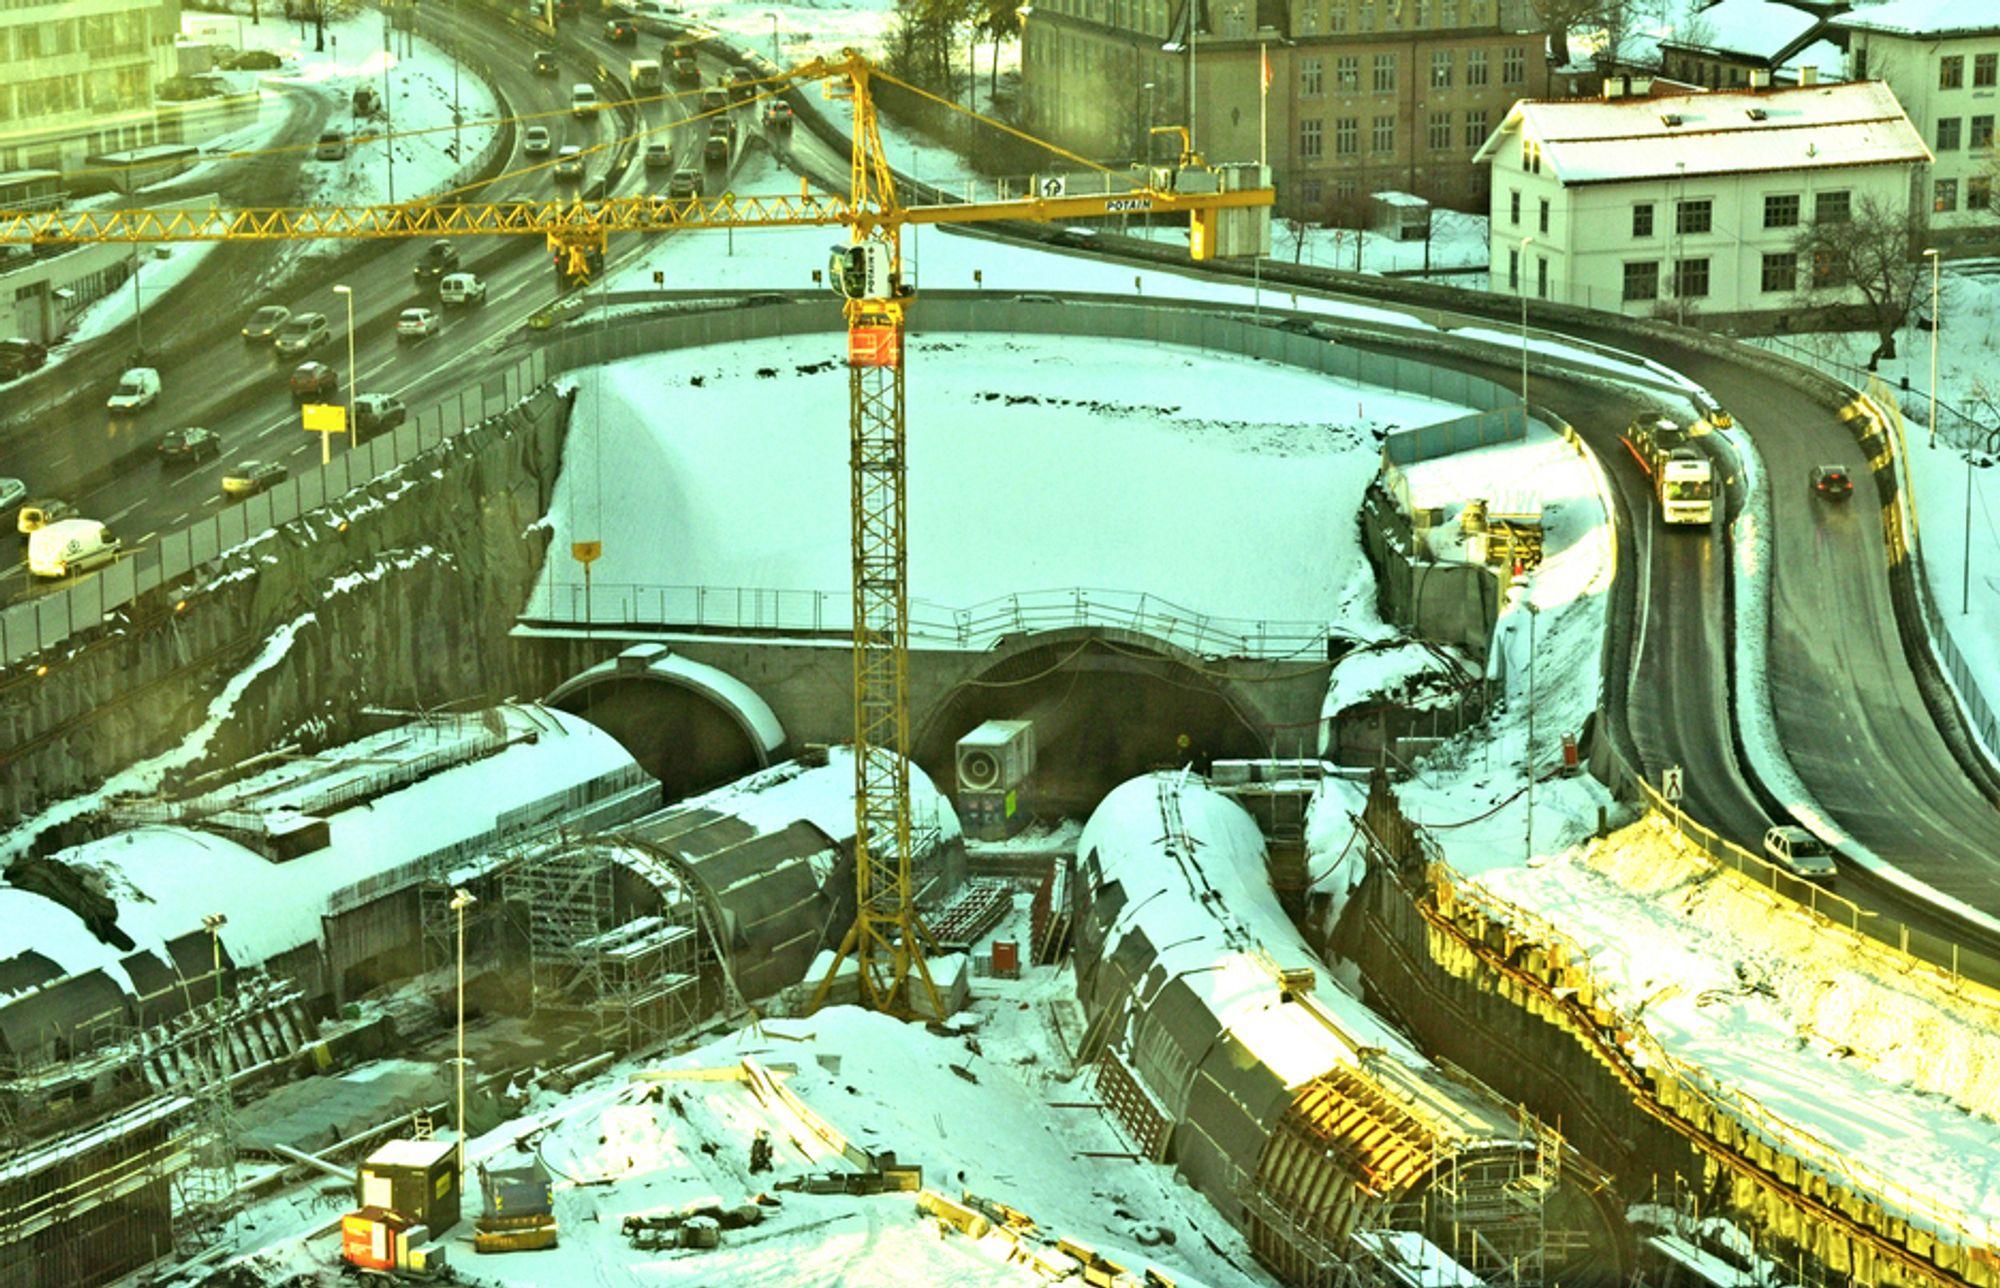 Støp av betongkulverter i østre ende av Lørentunnelen er godt i gang. I hovedløpene til skal det monteres opptil 59 impulsventilatorer. Anbudsfristen for levering av disse er satt til 22. mars.